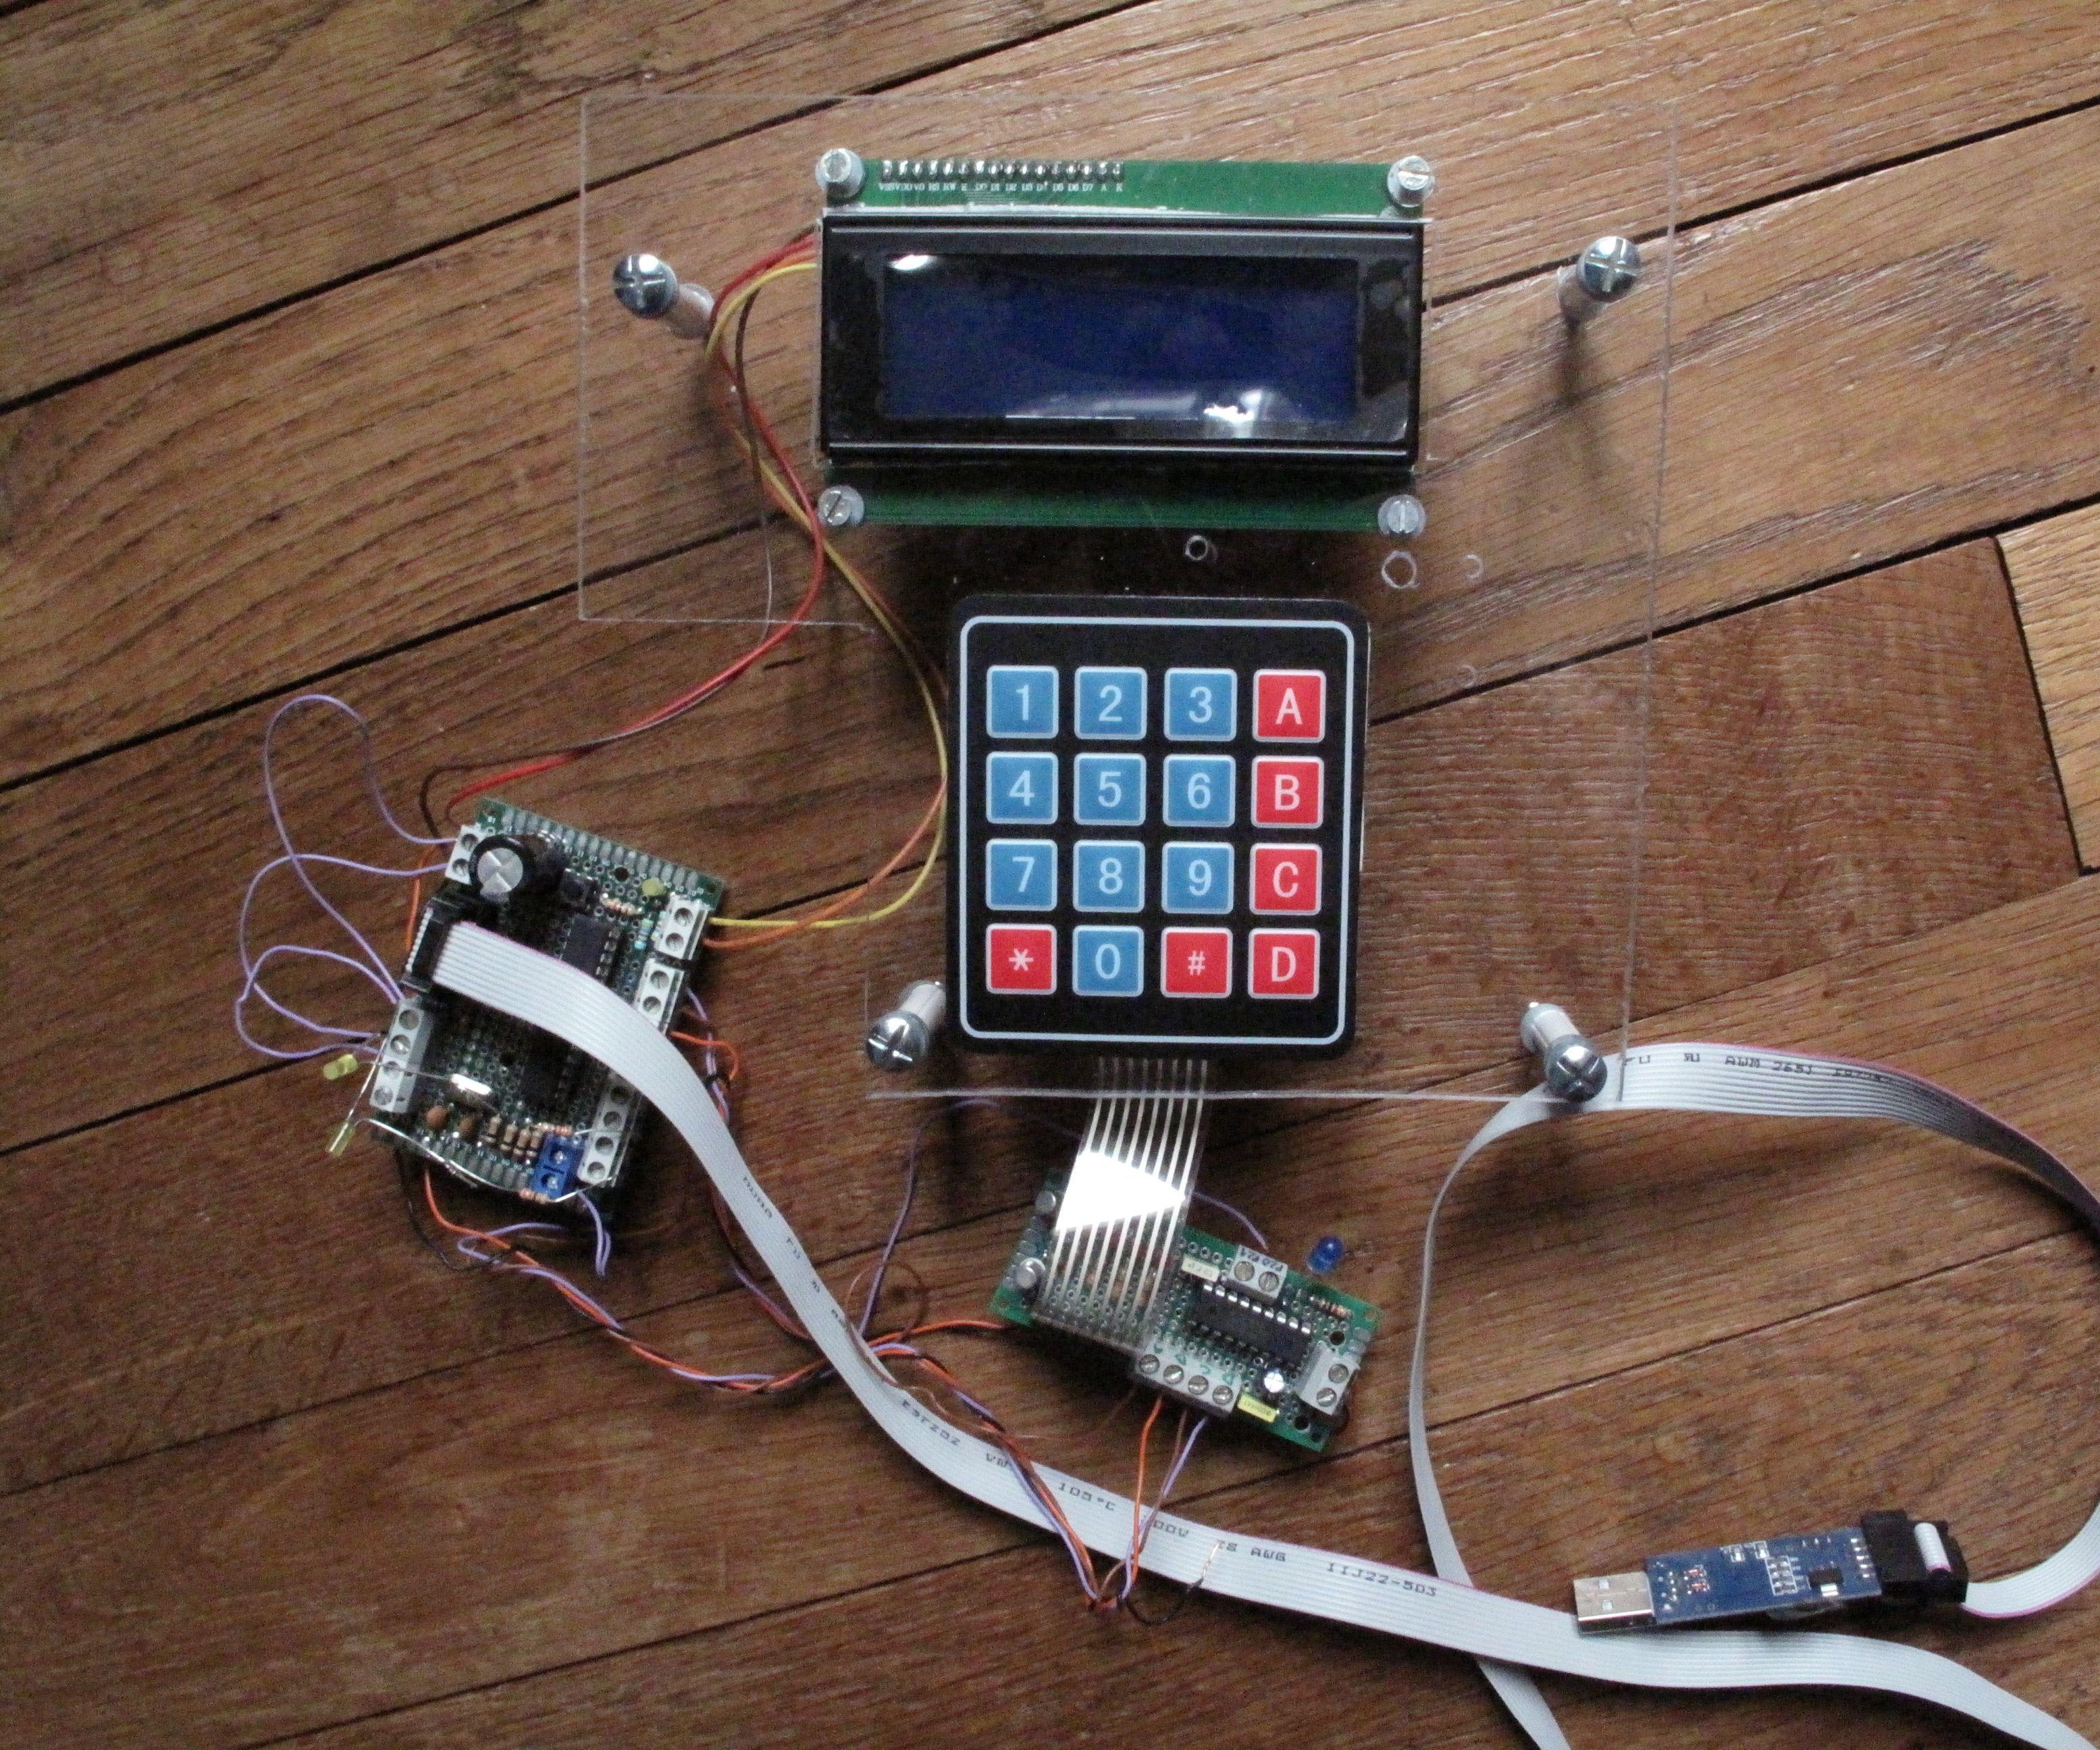 Example of Locker With Arduino Matrix Keypad 4x4